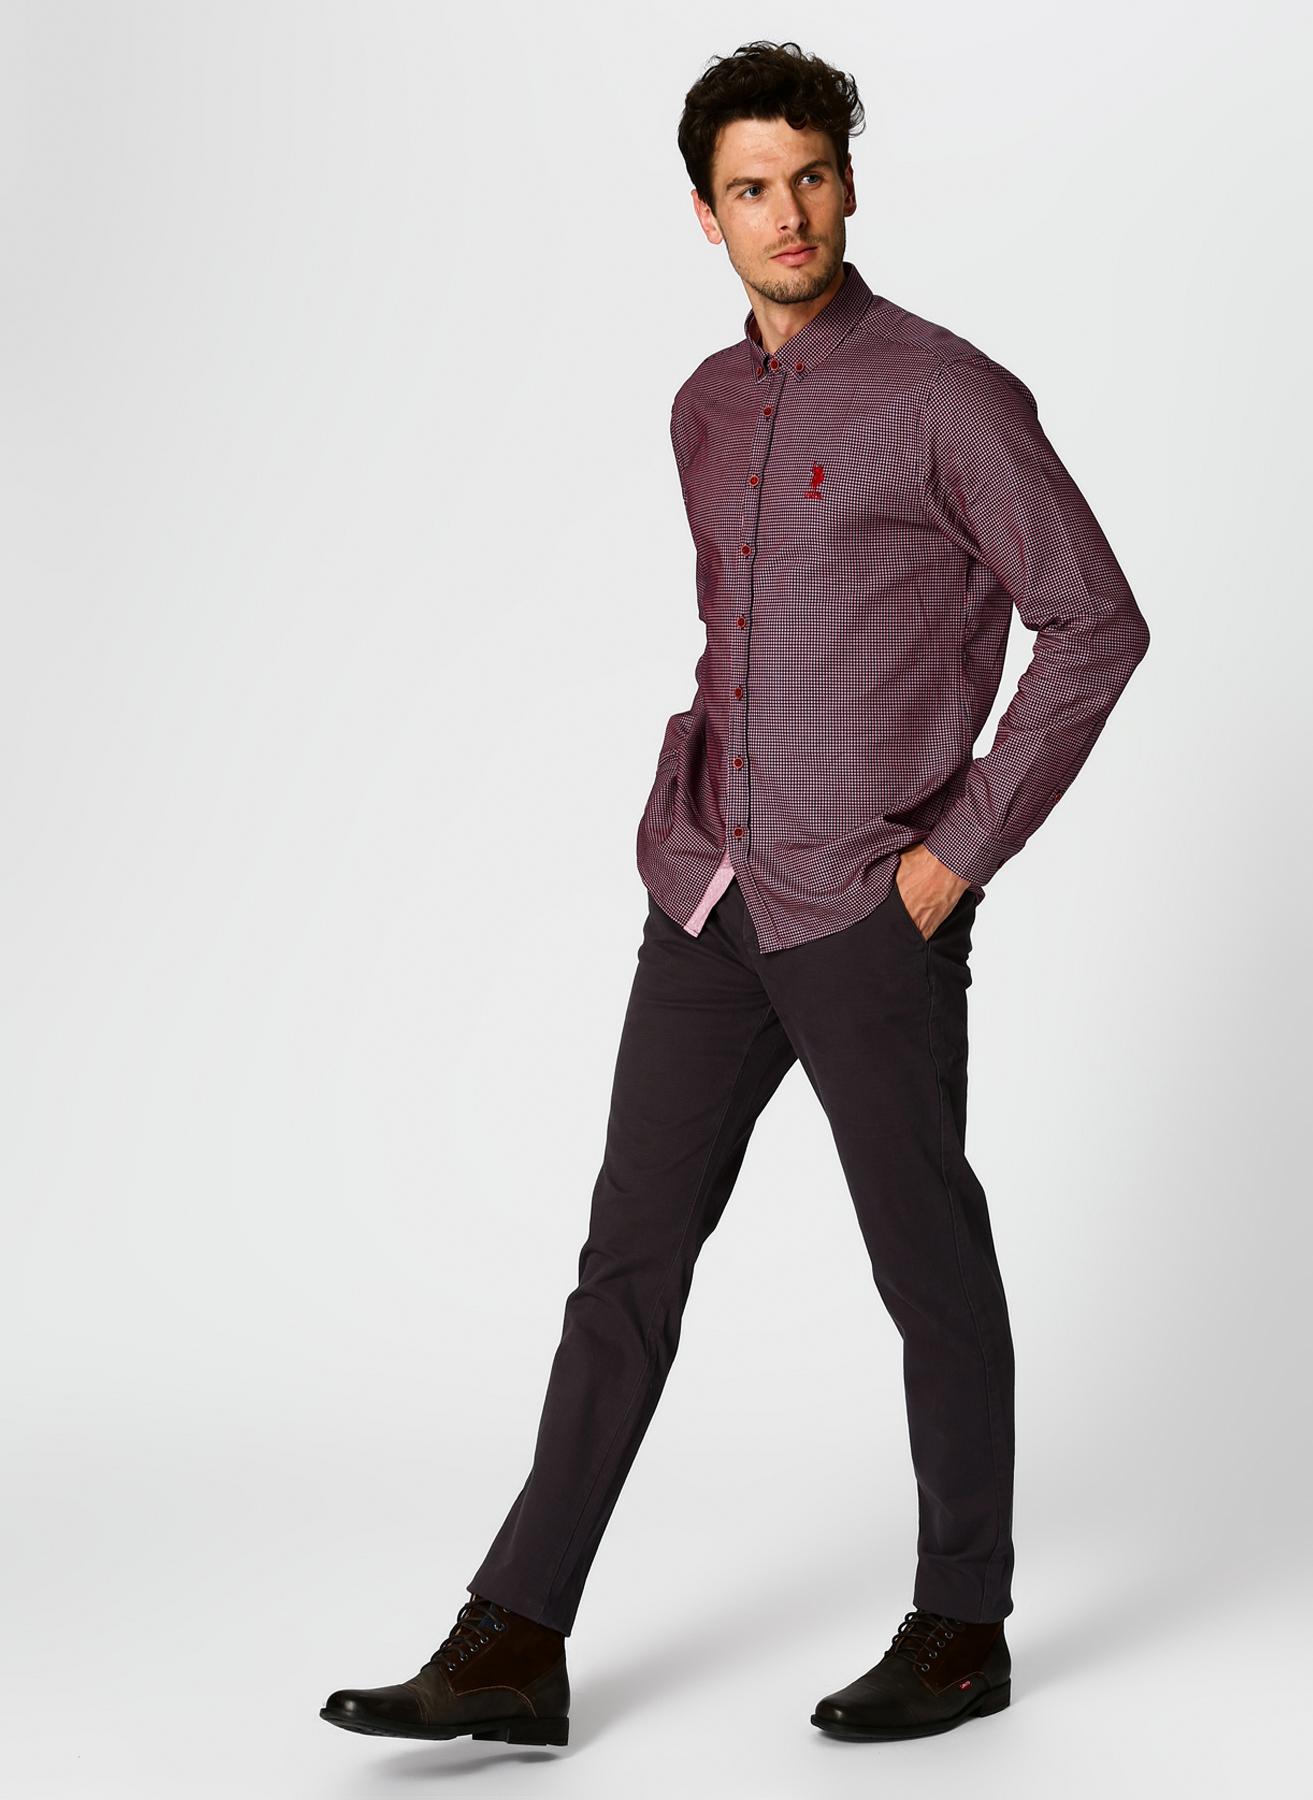 U.S. Polo Assn. Antrasit Klasik Pantolon 34 5001704744004 Ürün Resmi